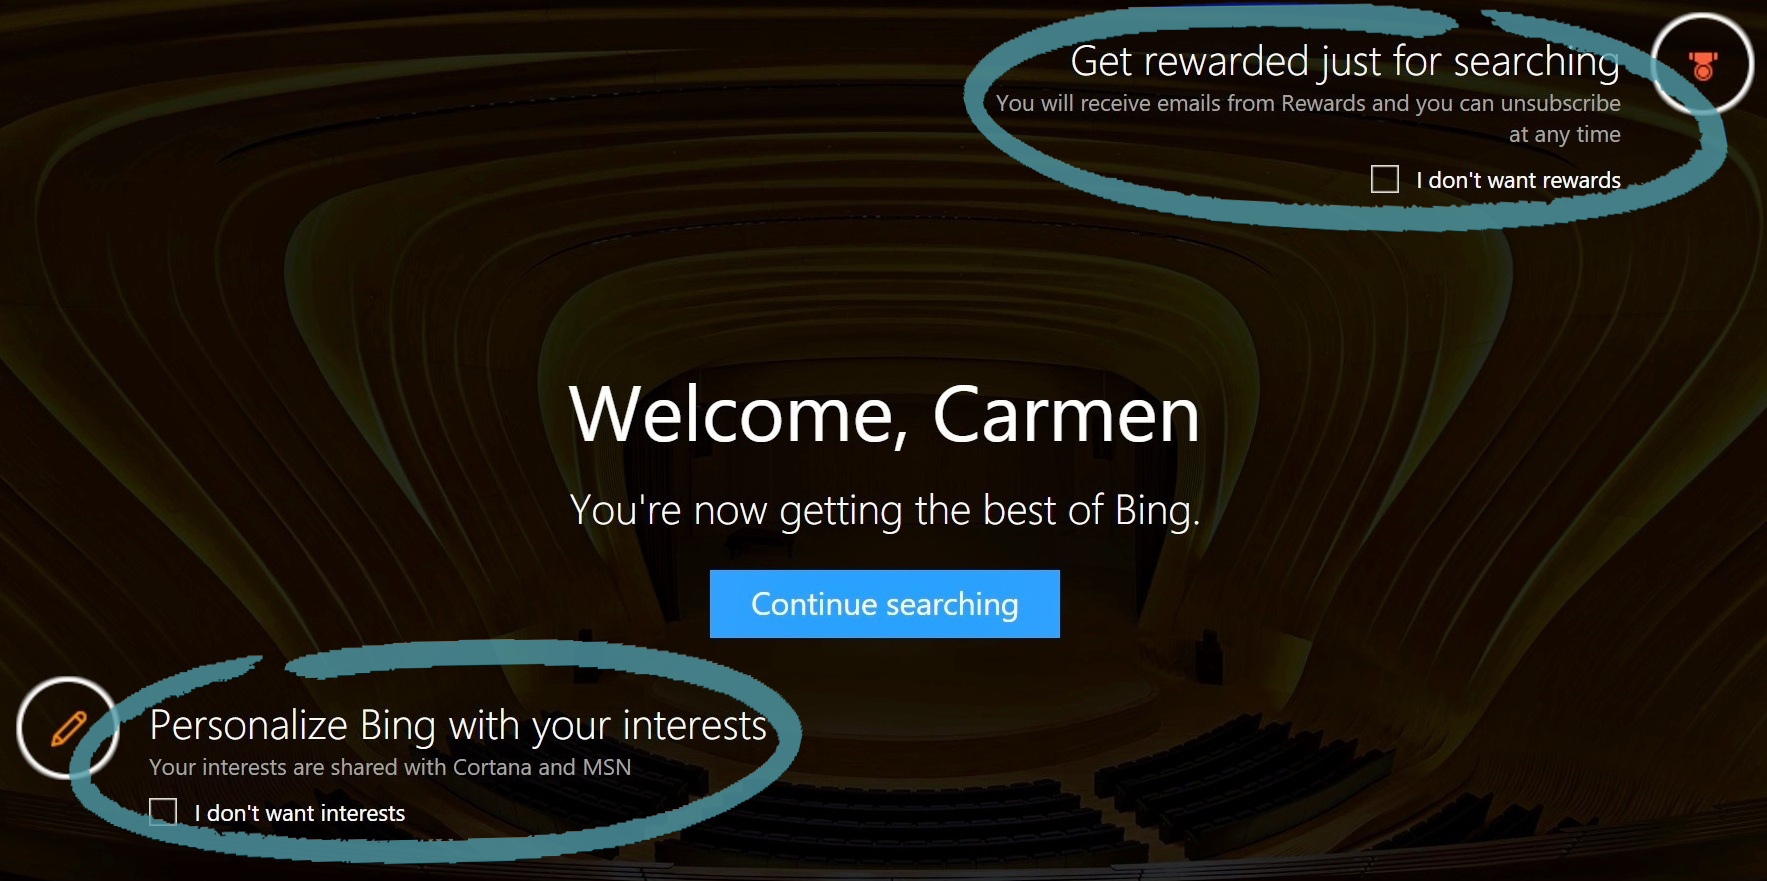 Domača stran Bing z možnostma za vklop Nagrad in Interesov